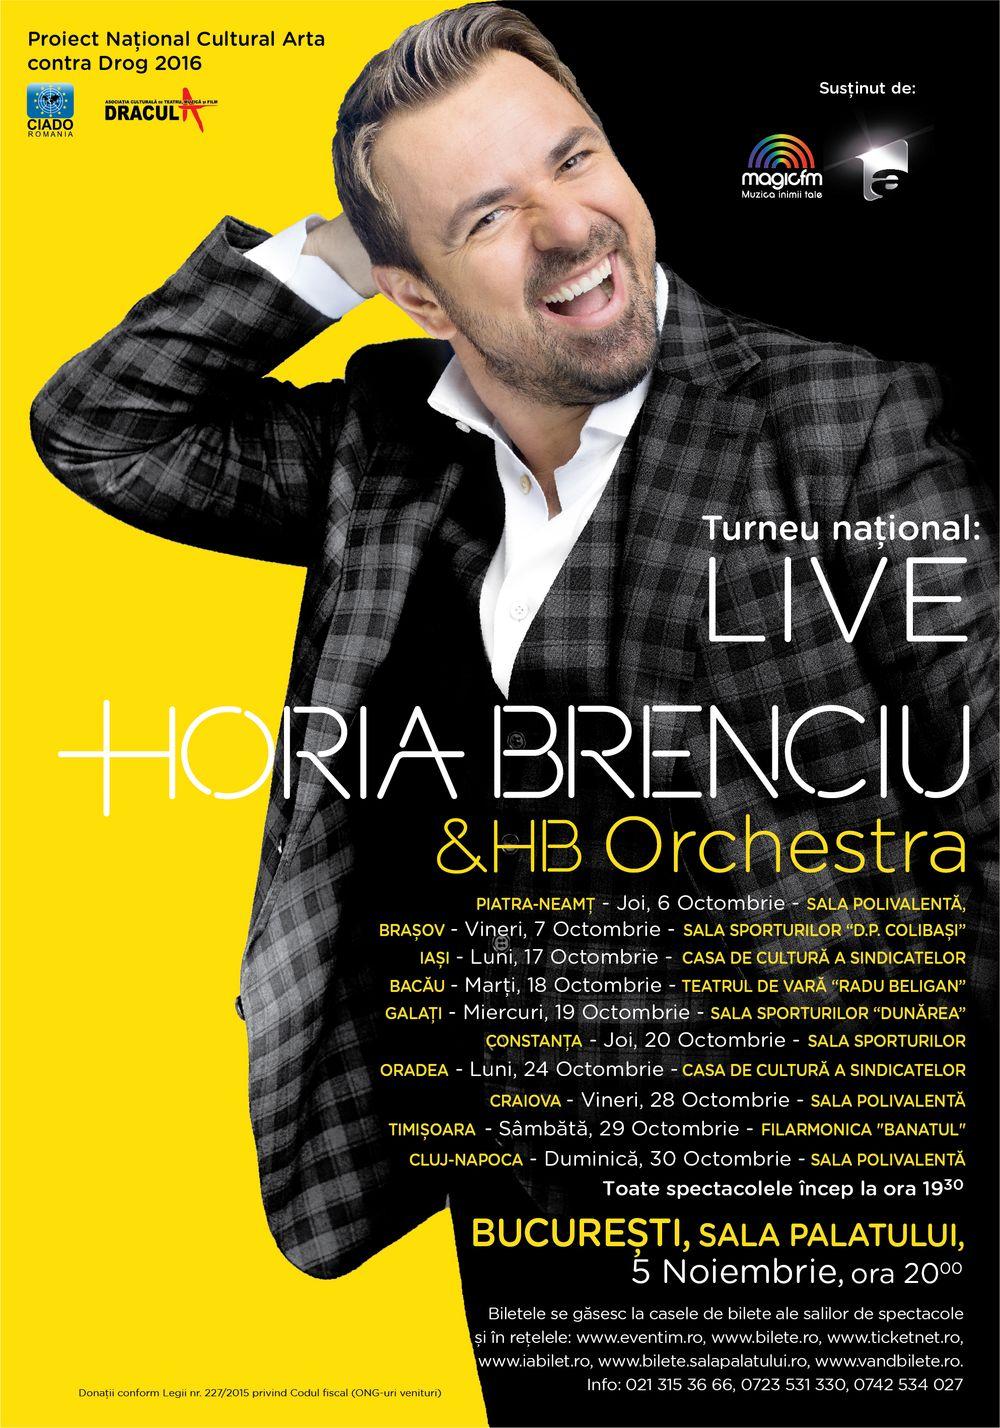 Horia Brenciu & HB Orchestra - Turneu National